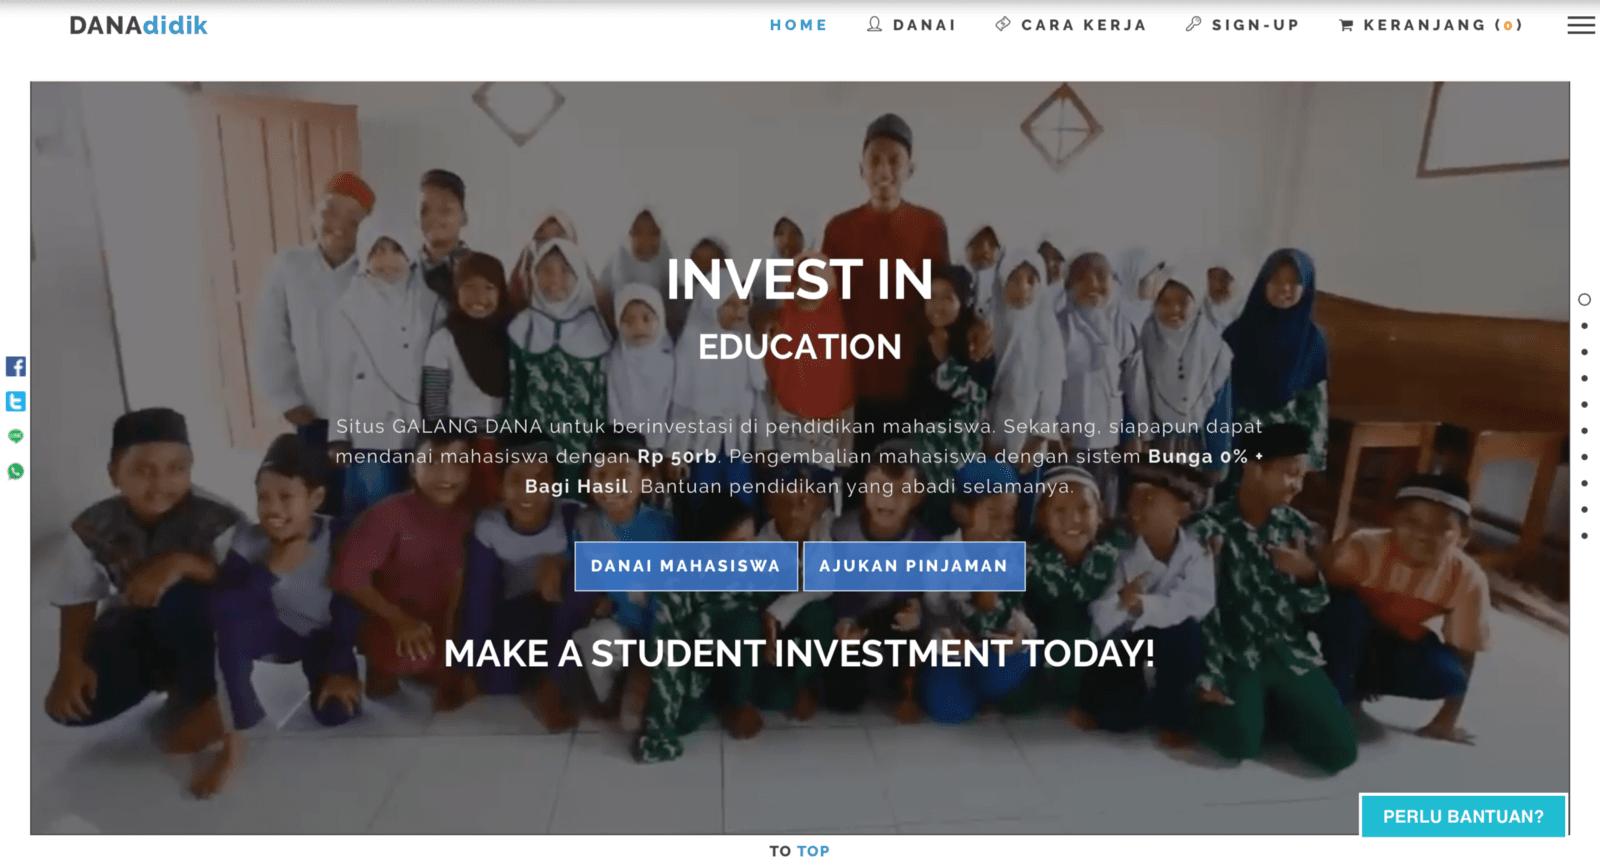 Lewat 5 Fintech ini, Kamu Bisa Belajar Investasi Sekaligus Membantu Orang